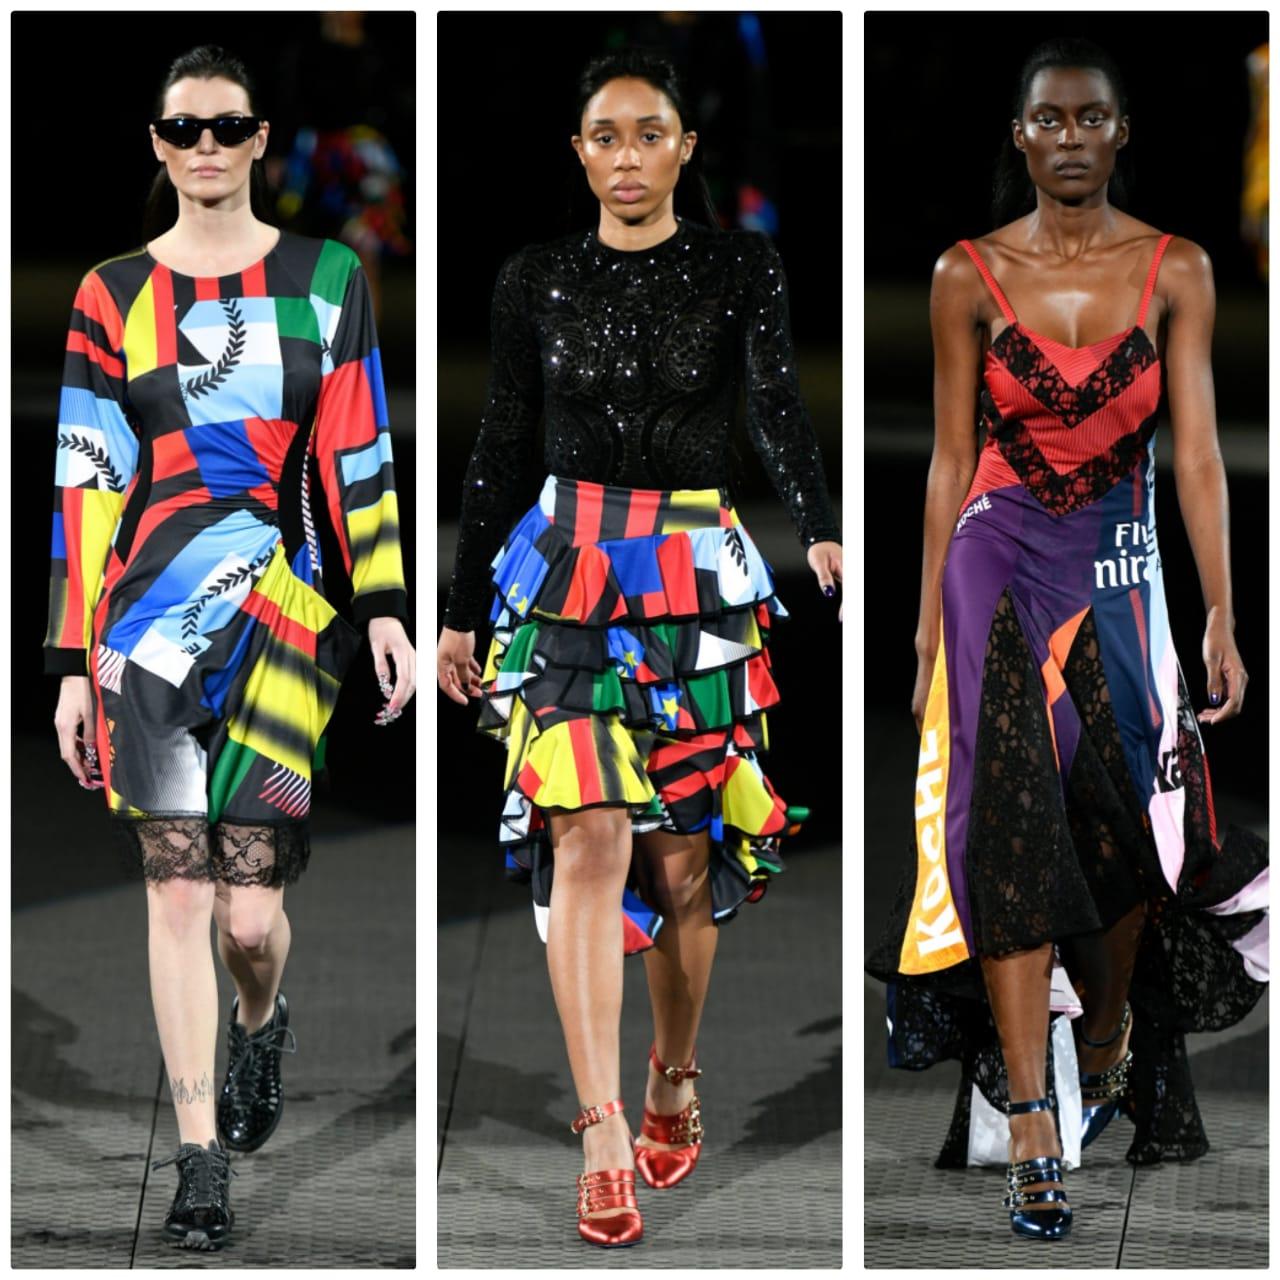 اسبوع الموضة بباريس (2)